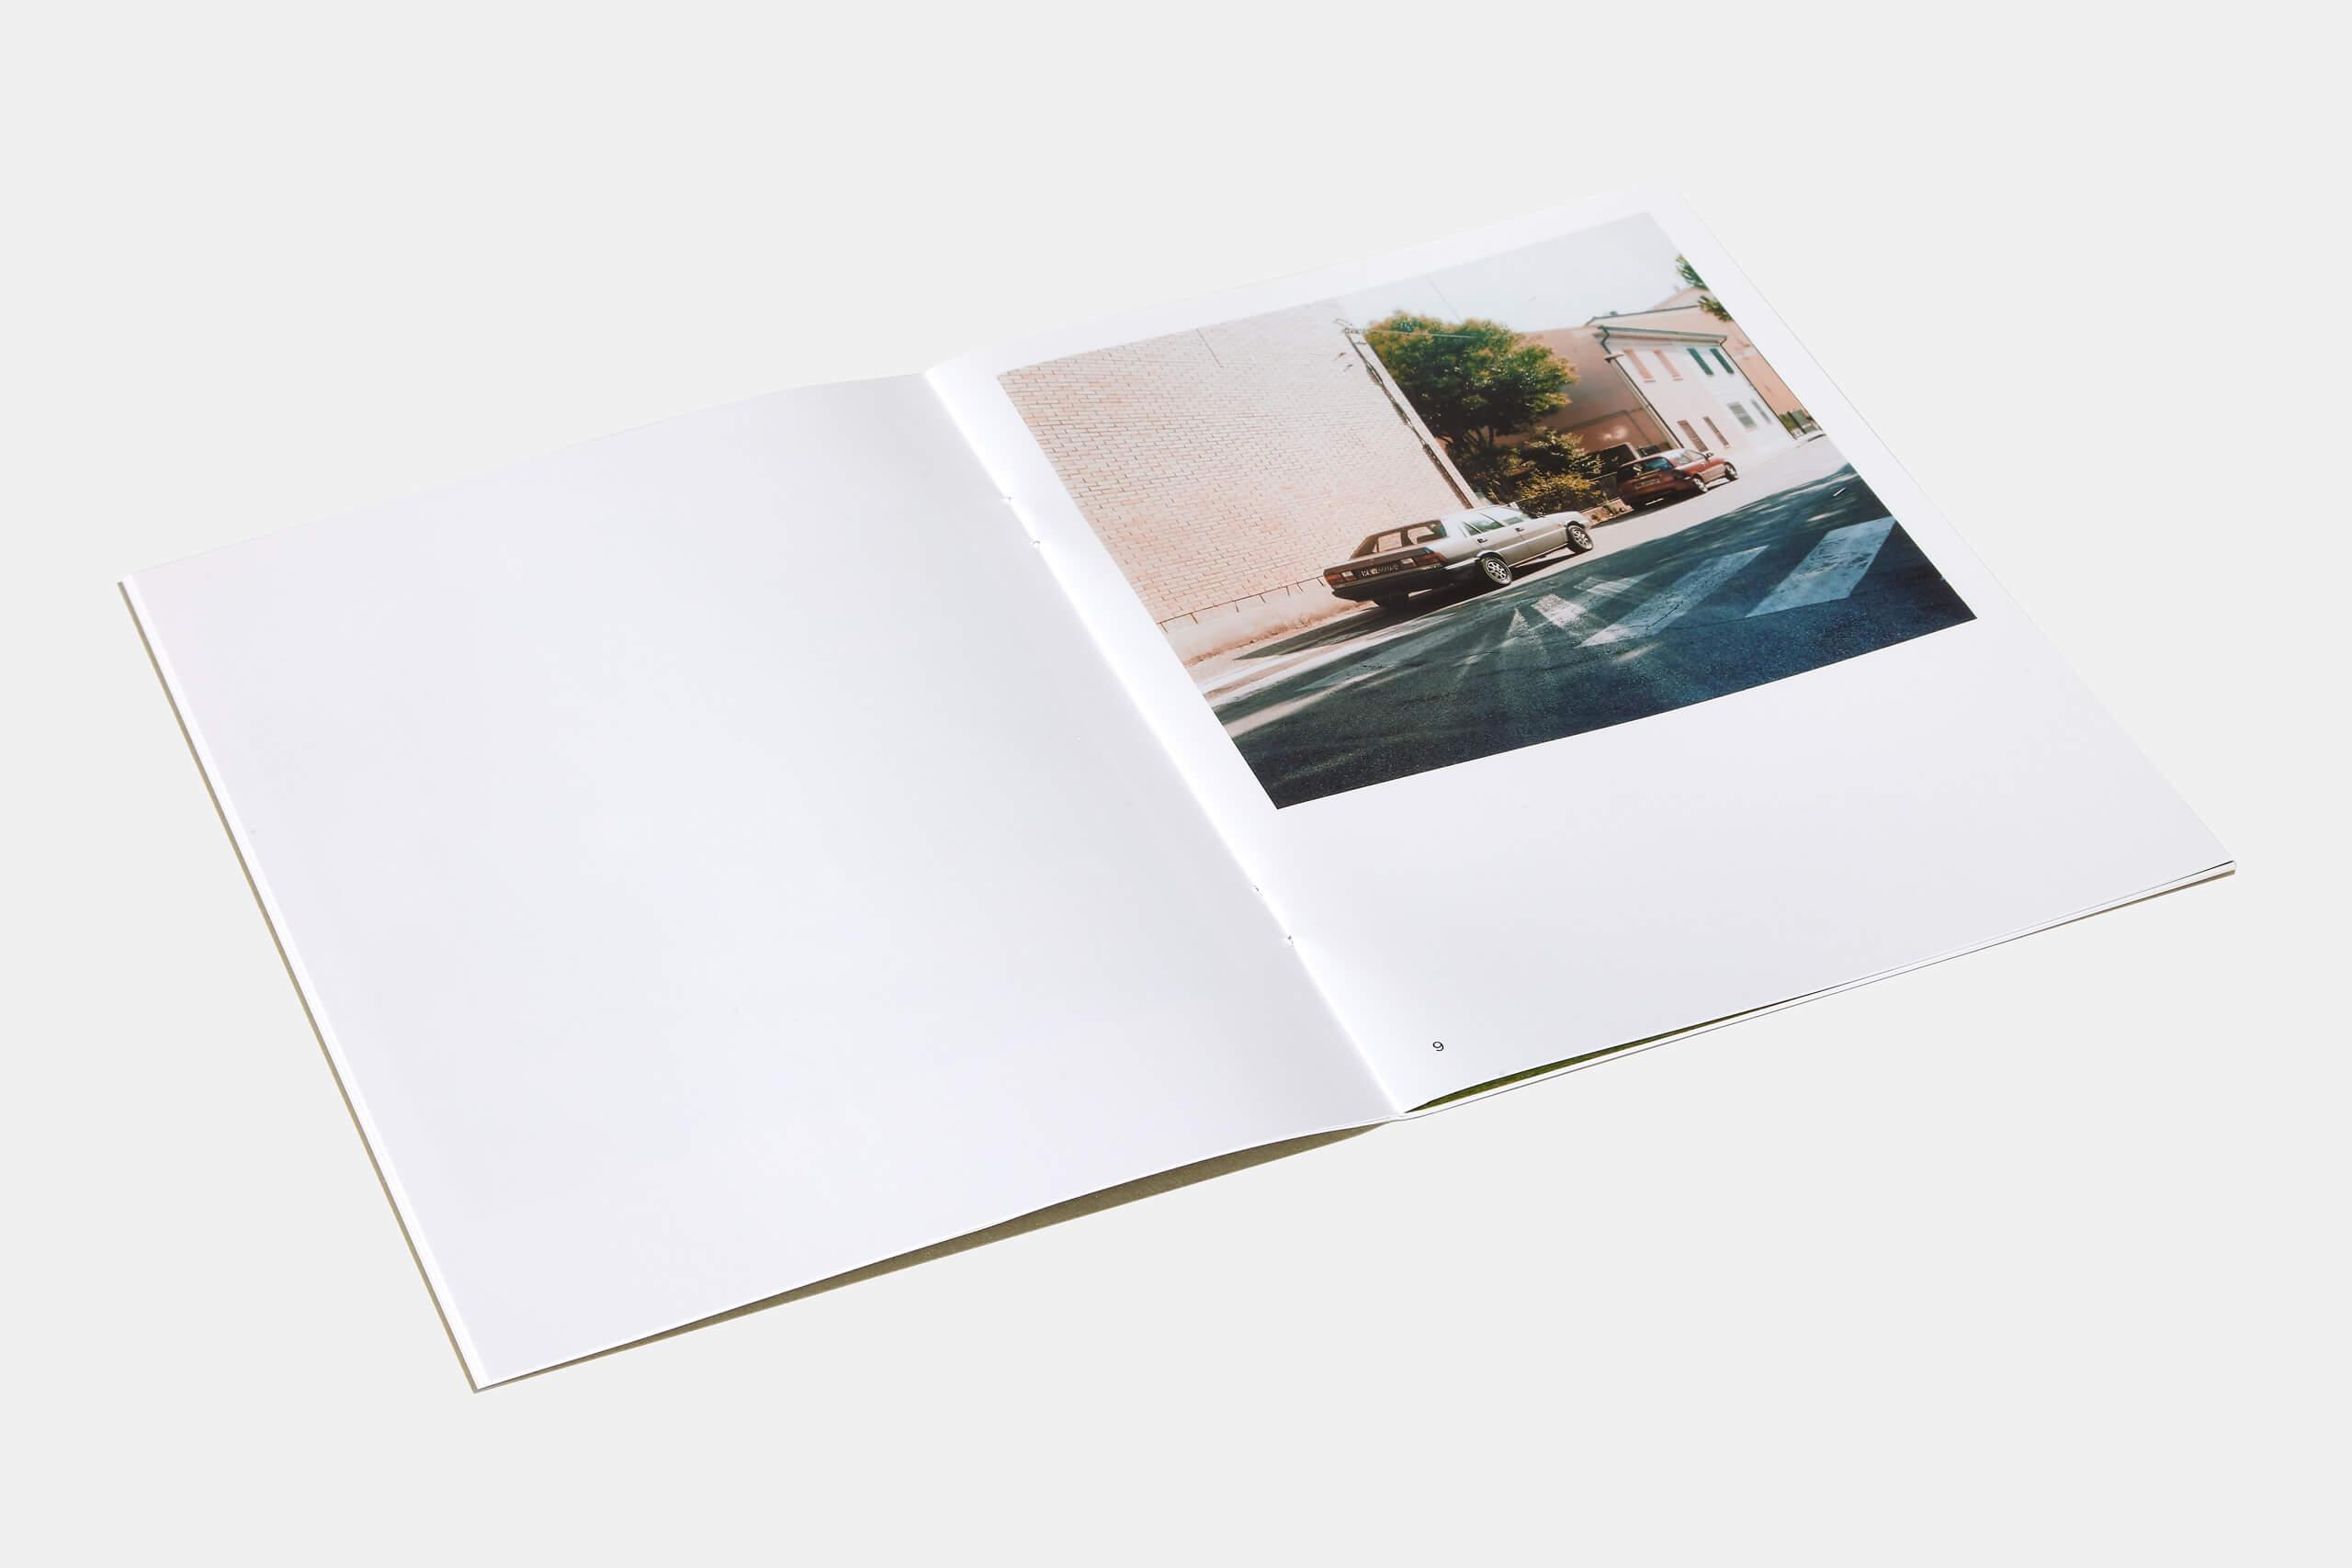 Federico_Covre_Parendo_Alla_Mente_Book_Osservatorio_Fotografico_2014_08